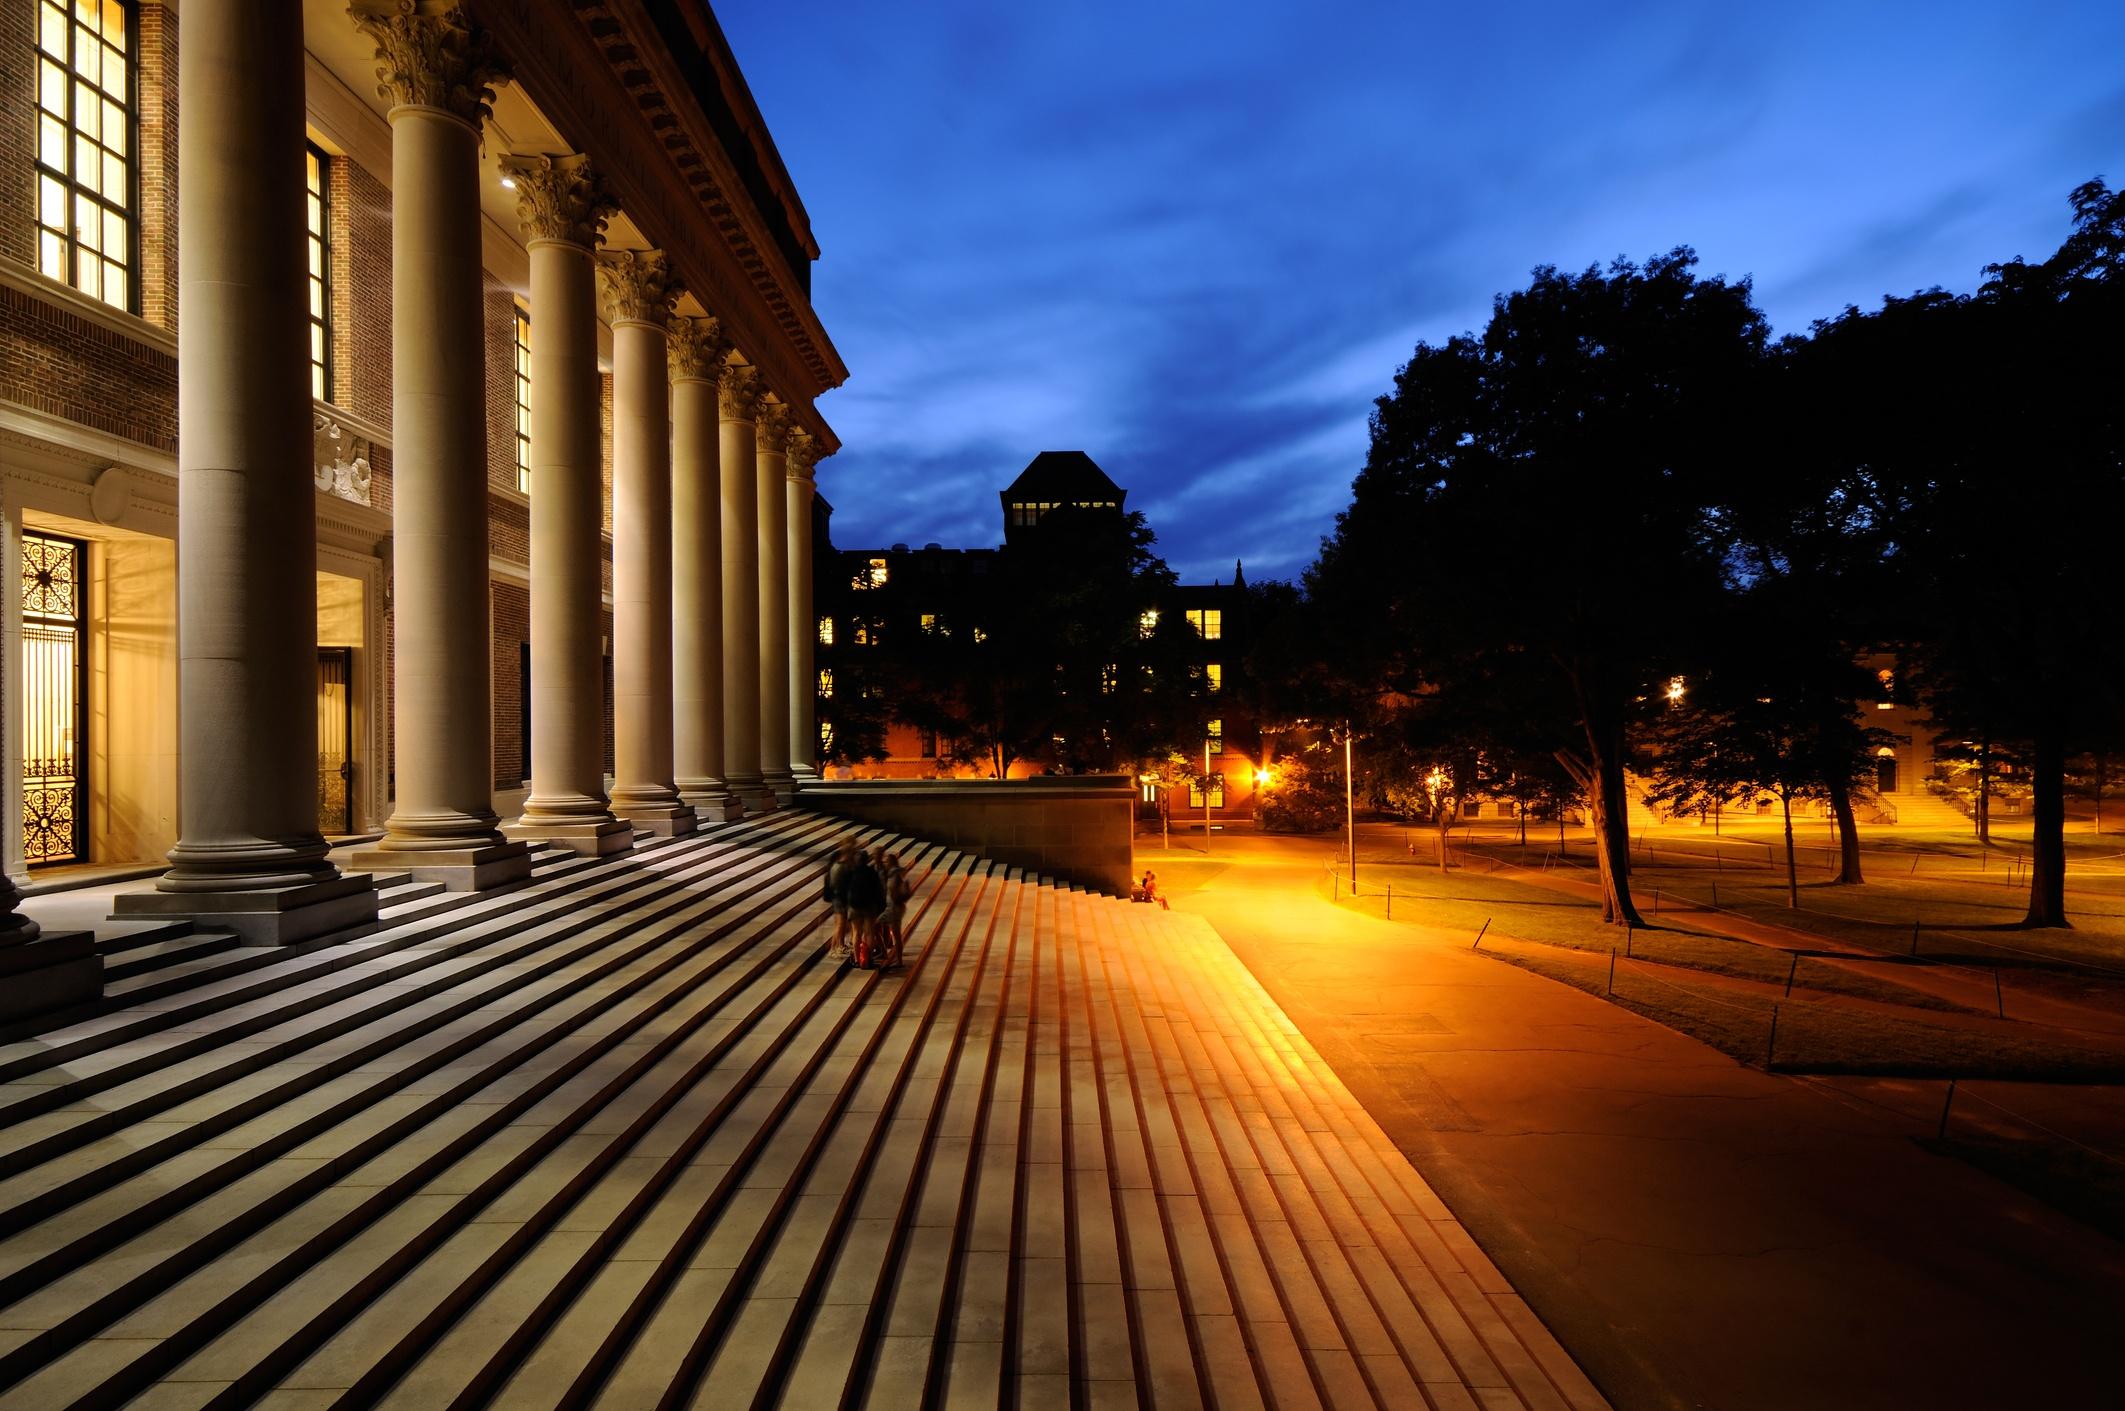 College Campus at Night